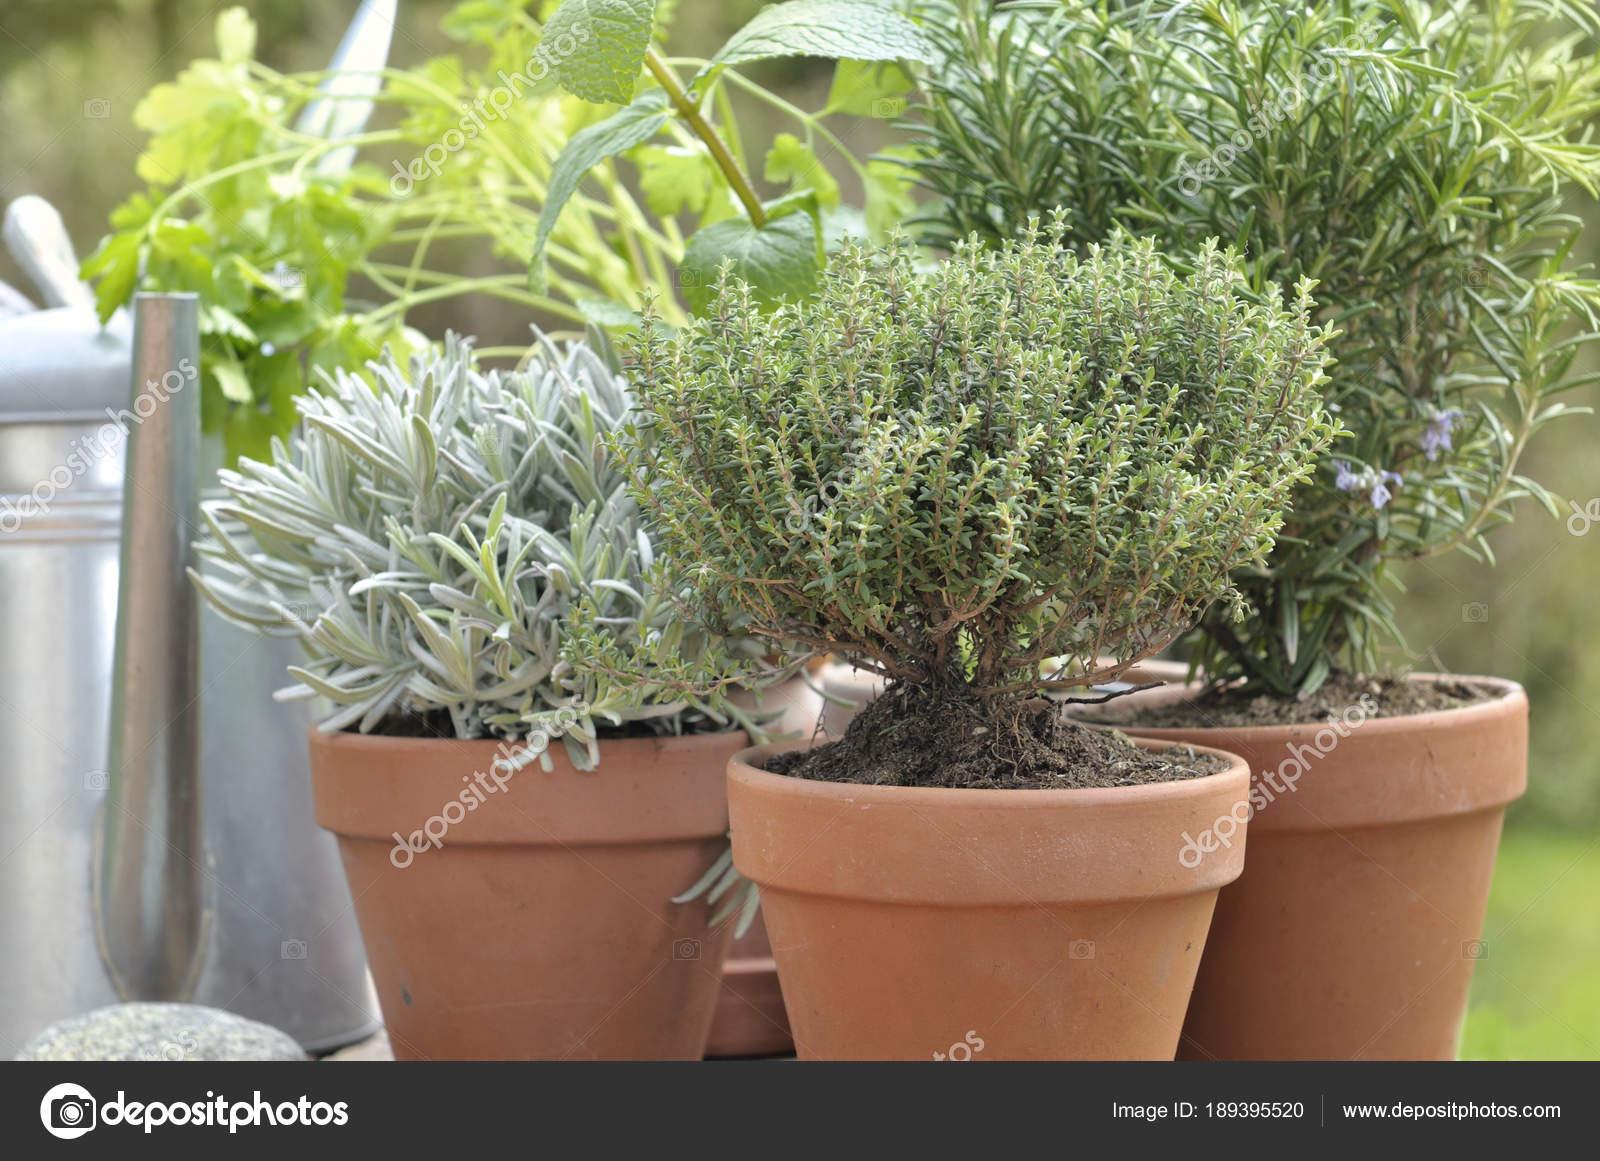 Plantas aromaticas de jardin excellent imagen with for Plantas aromaticas jardin